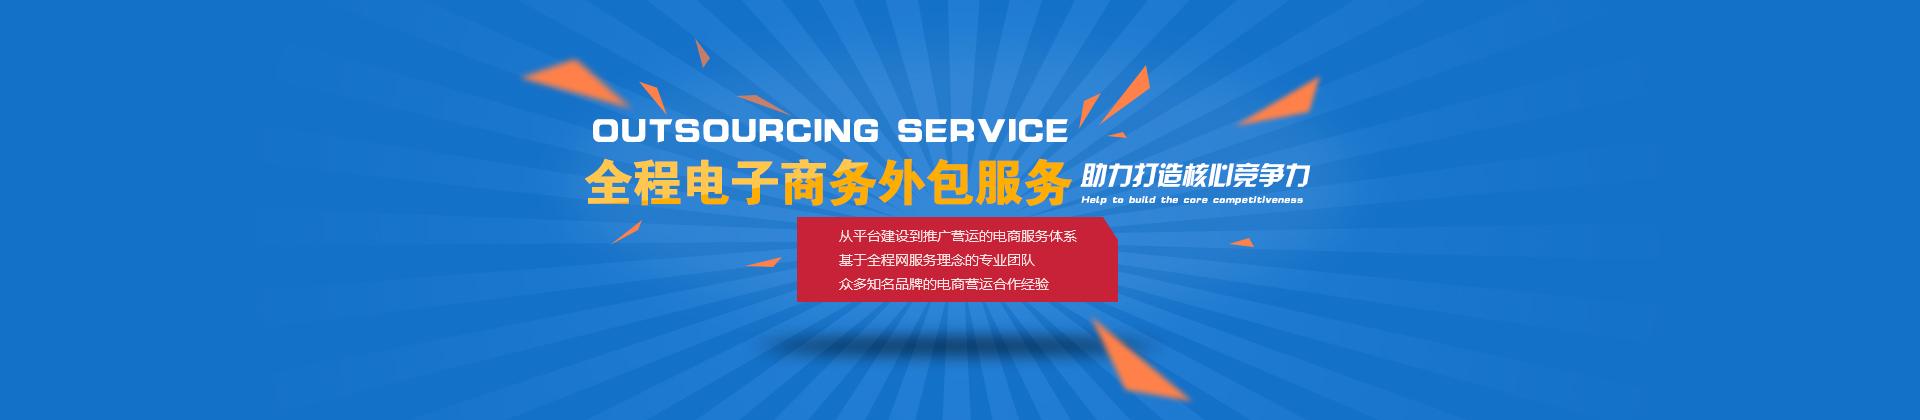 全程电子商务外包服务